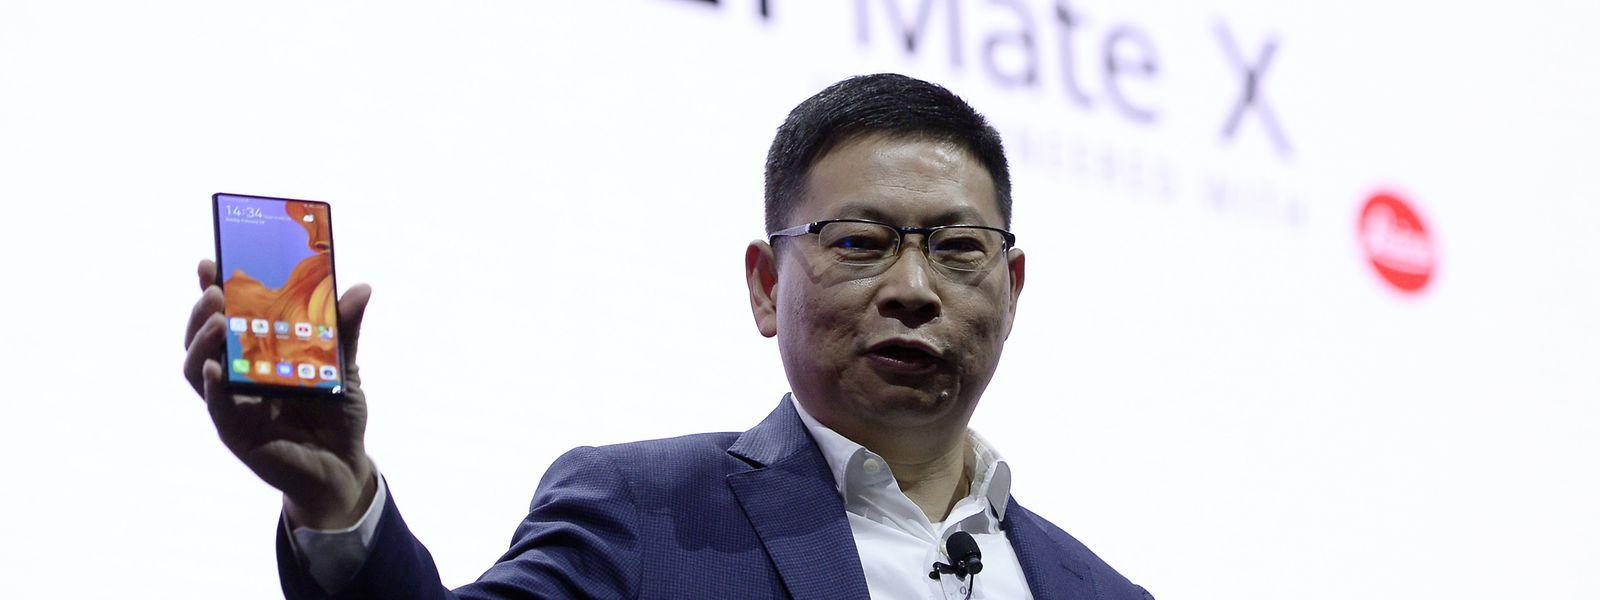 Richard Yu von Huawei stellt das neue Mate X in Barcelona vor.